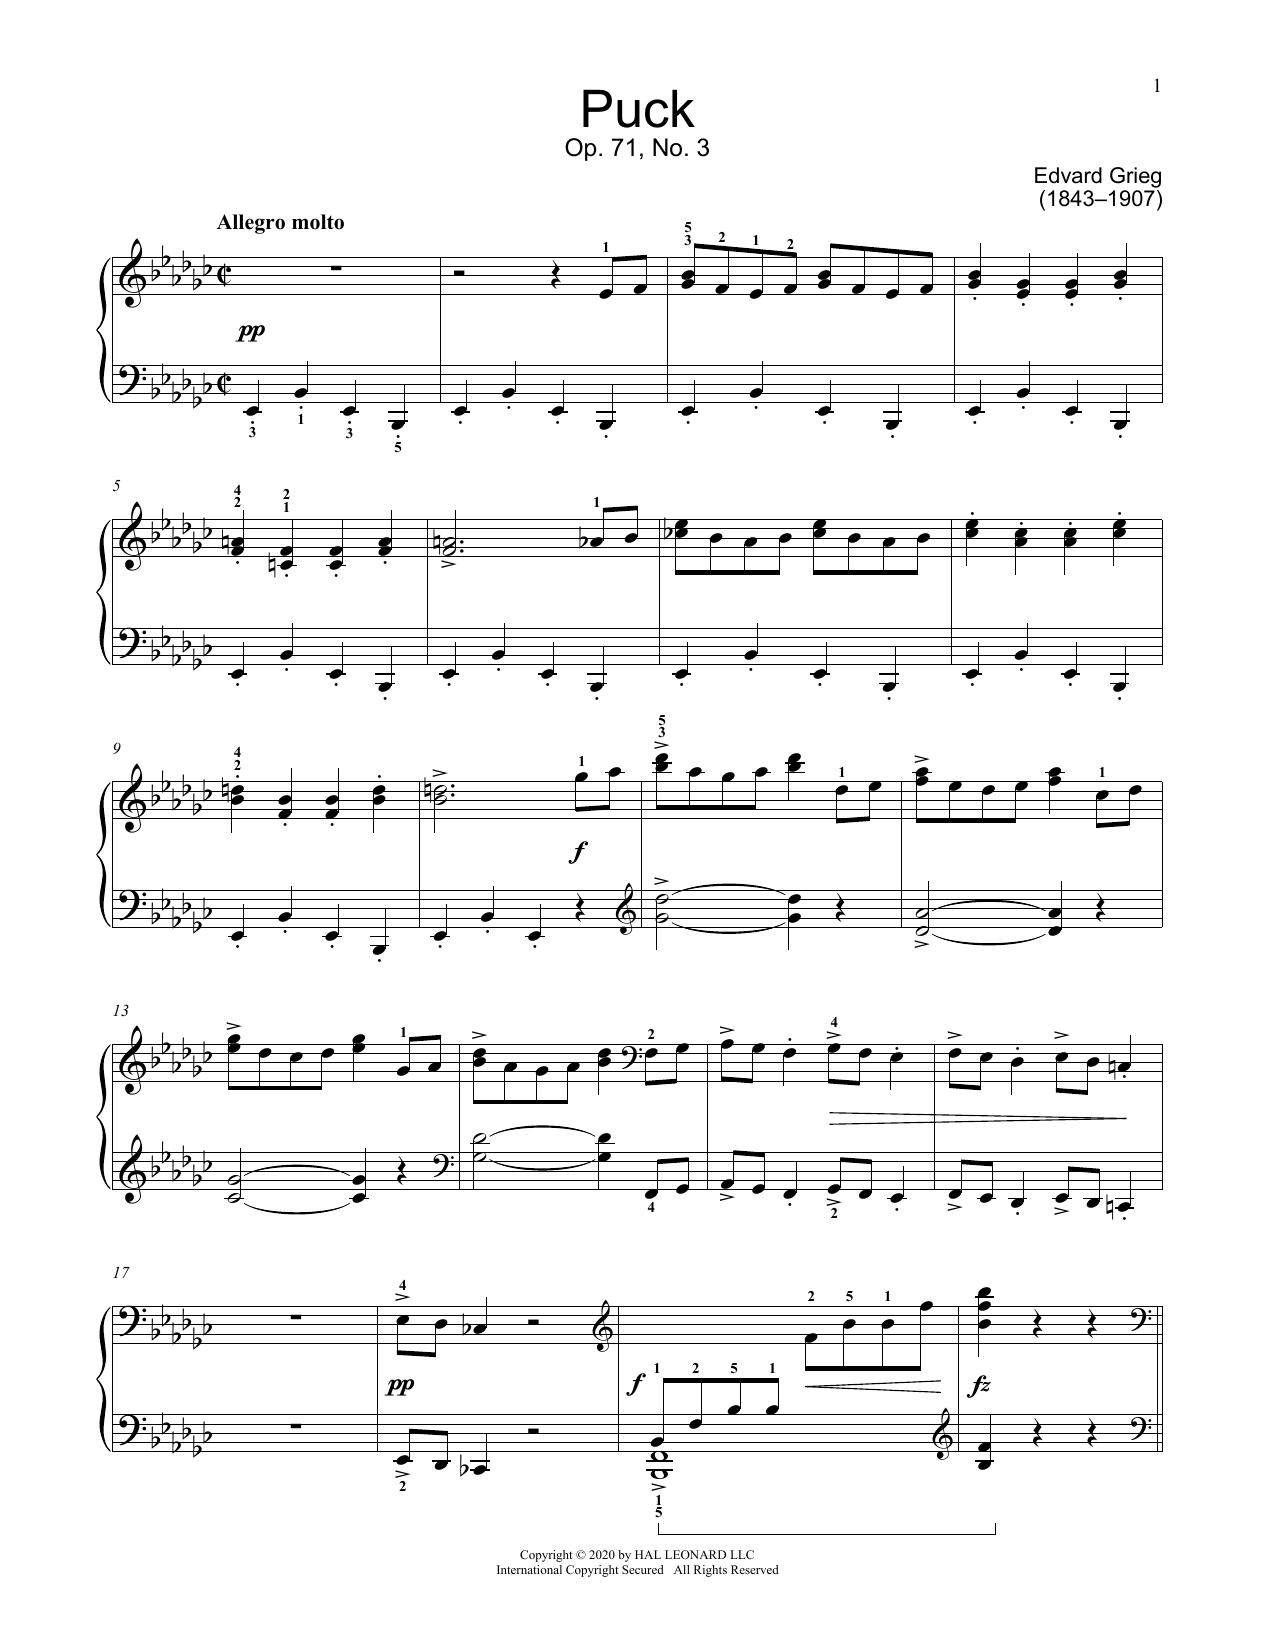 Puck, Op. 71, No. 3 (Educational Piano)